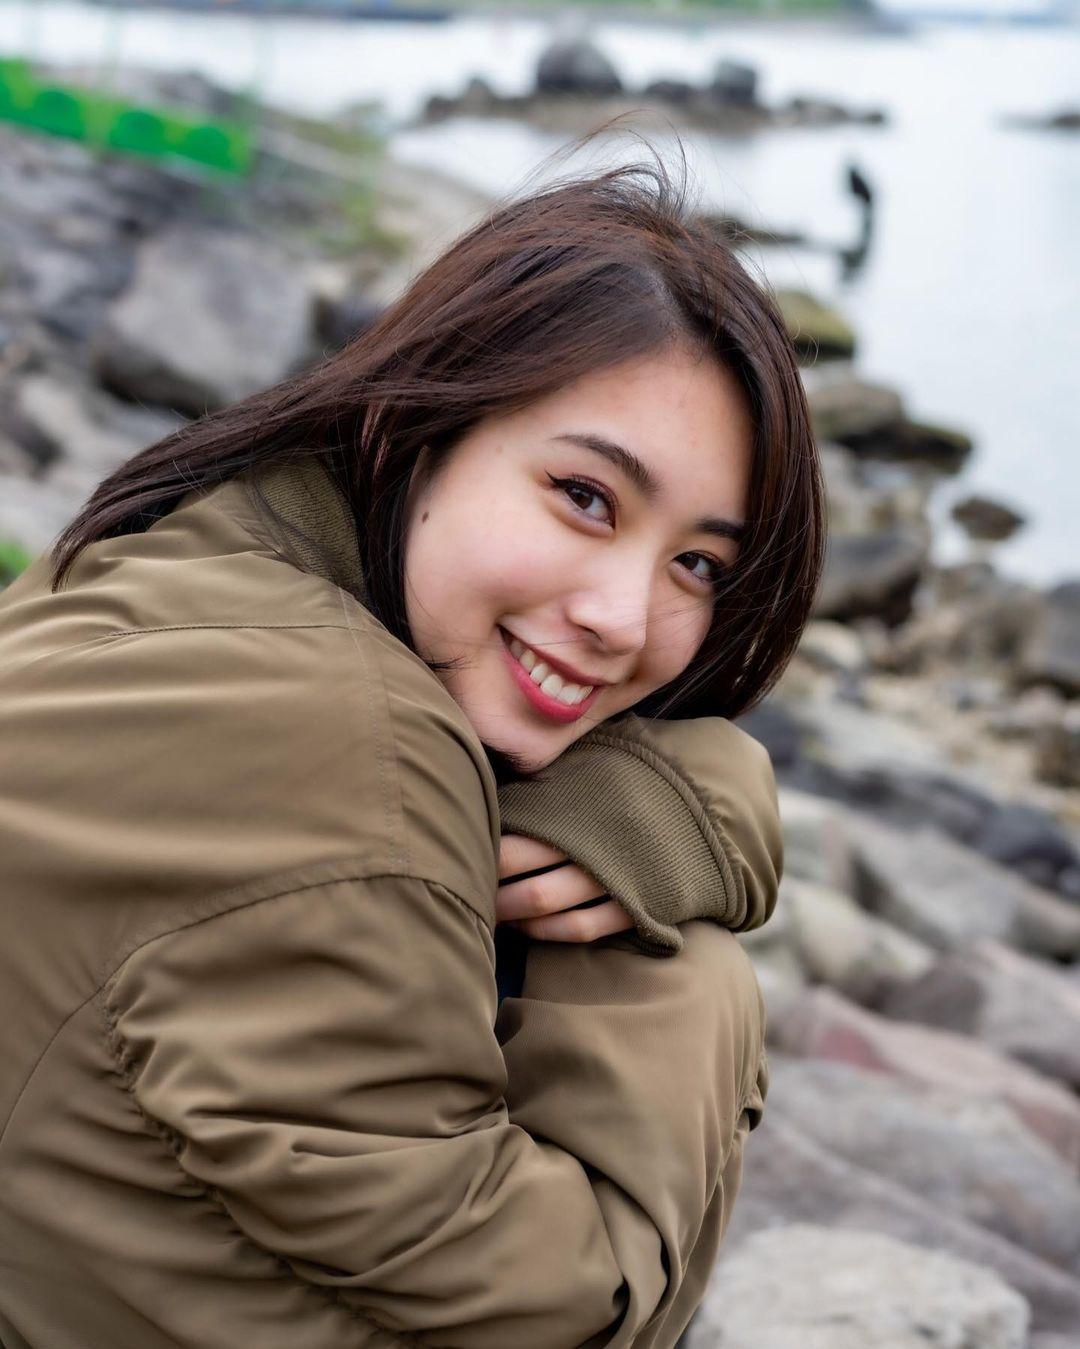 长腿小姐姐CHIAKI完美腰身甜美笑容让人瞬间沦陷 宅猫猫 热图3